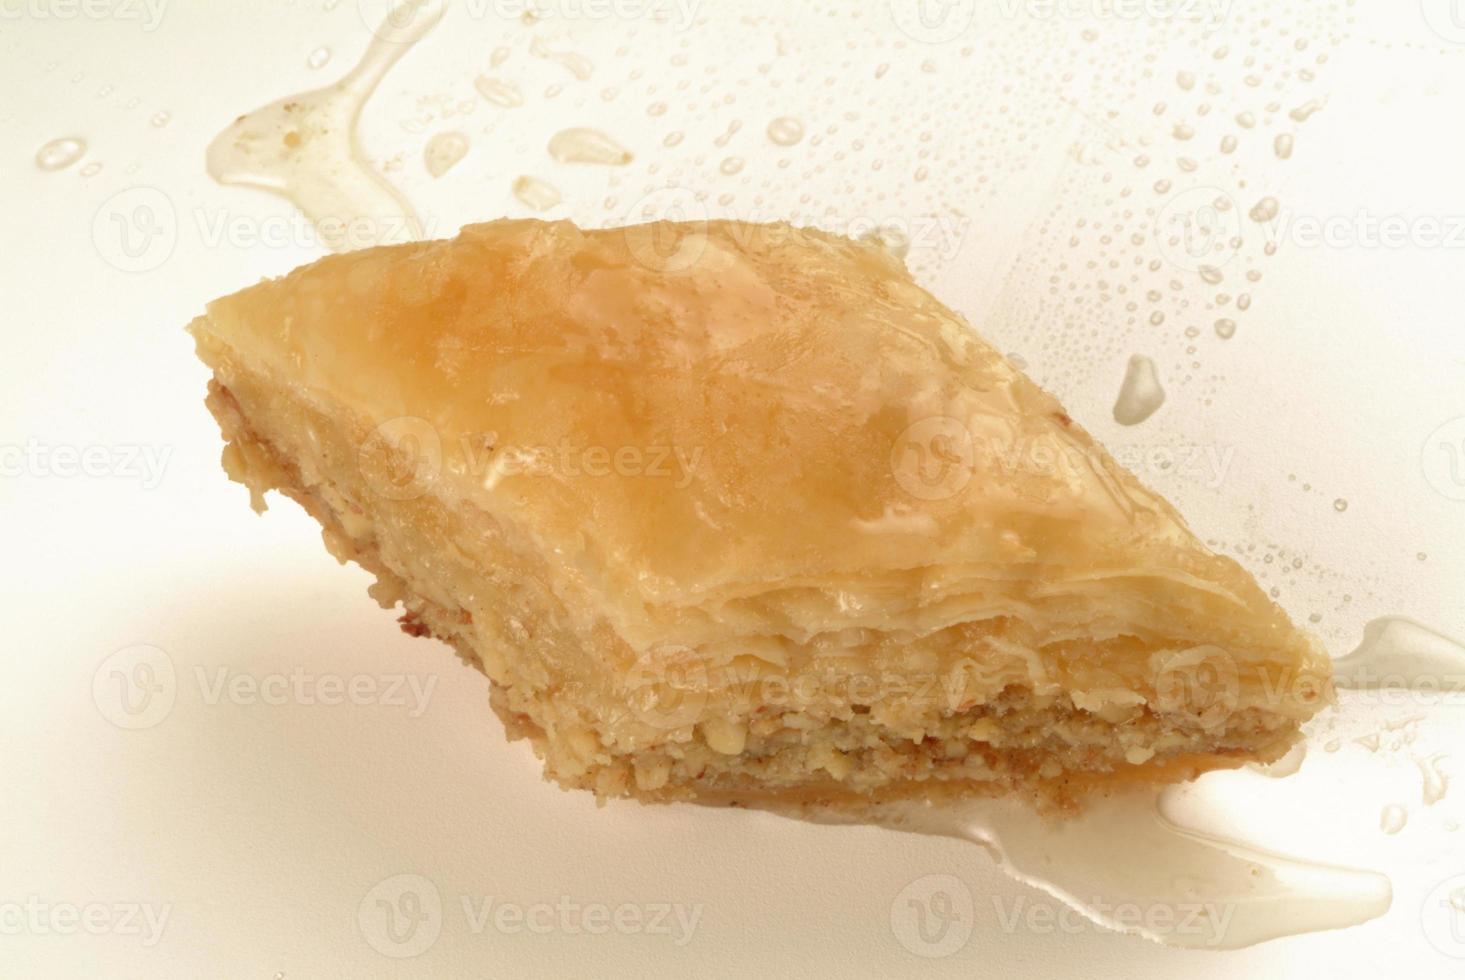 baklava zoet gemaakt met honing en pistachenoten foto